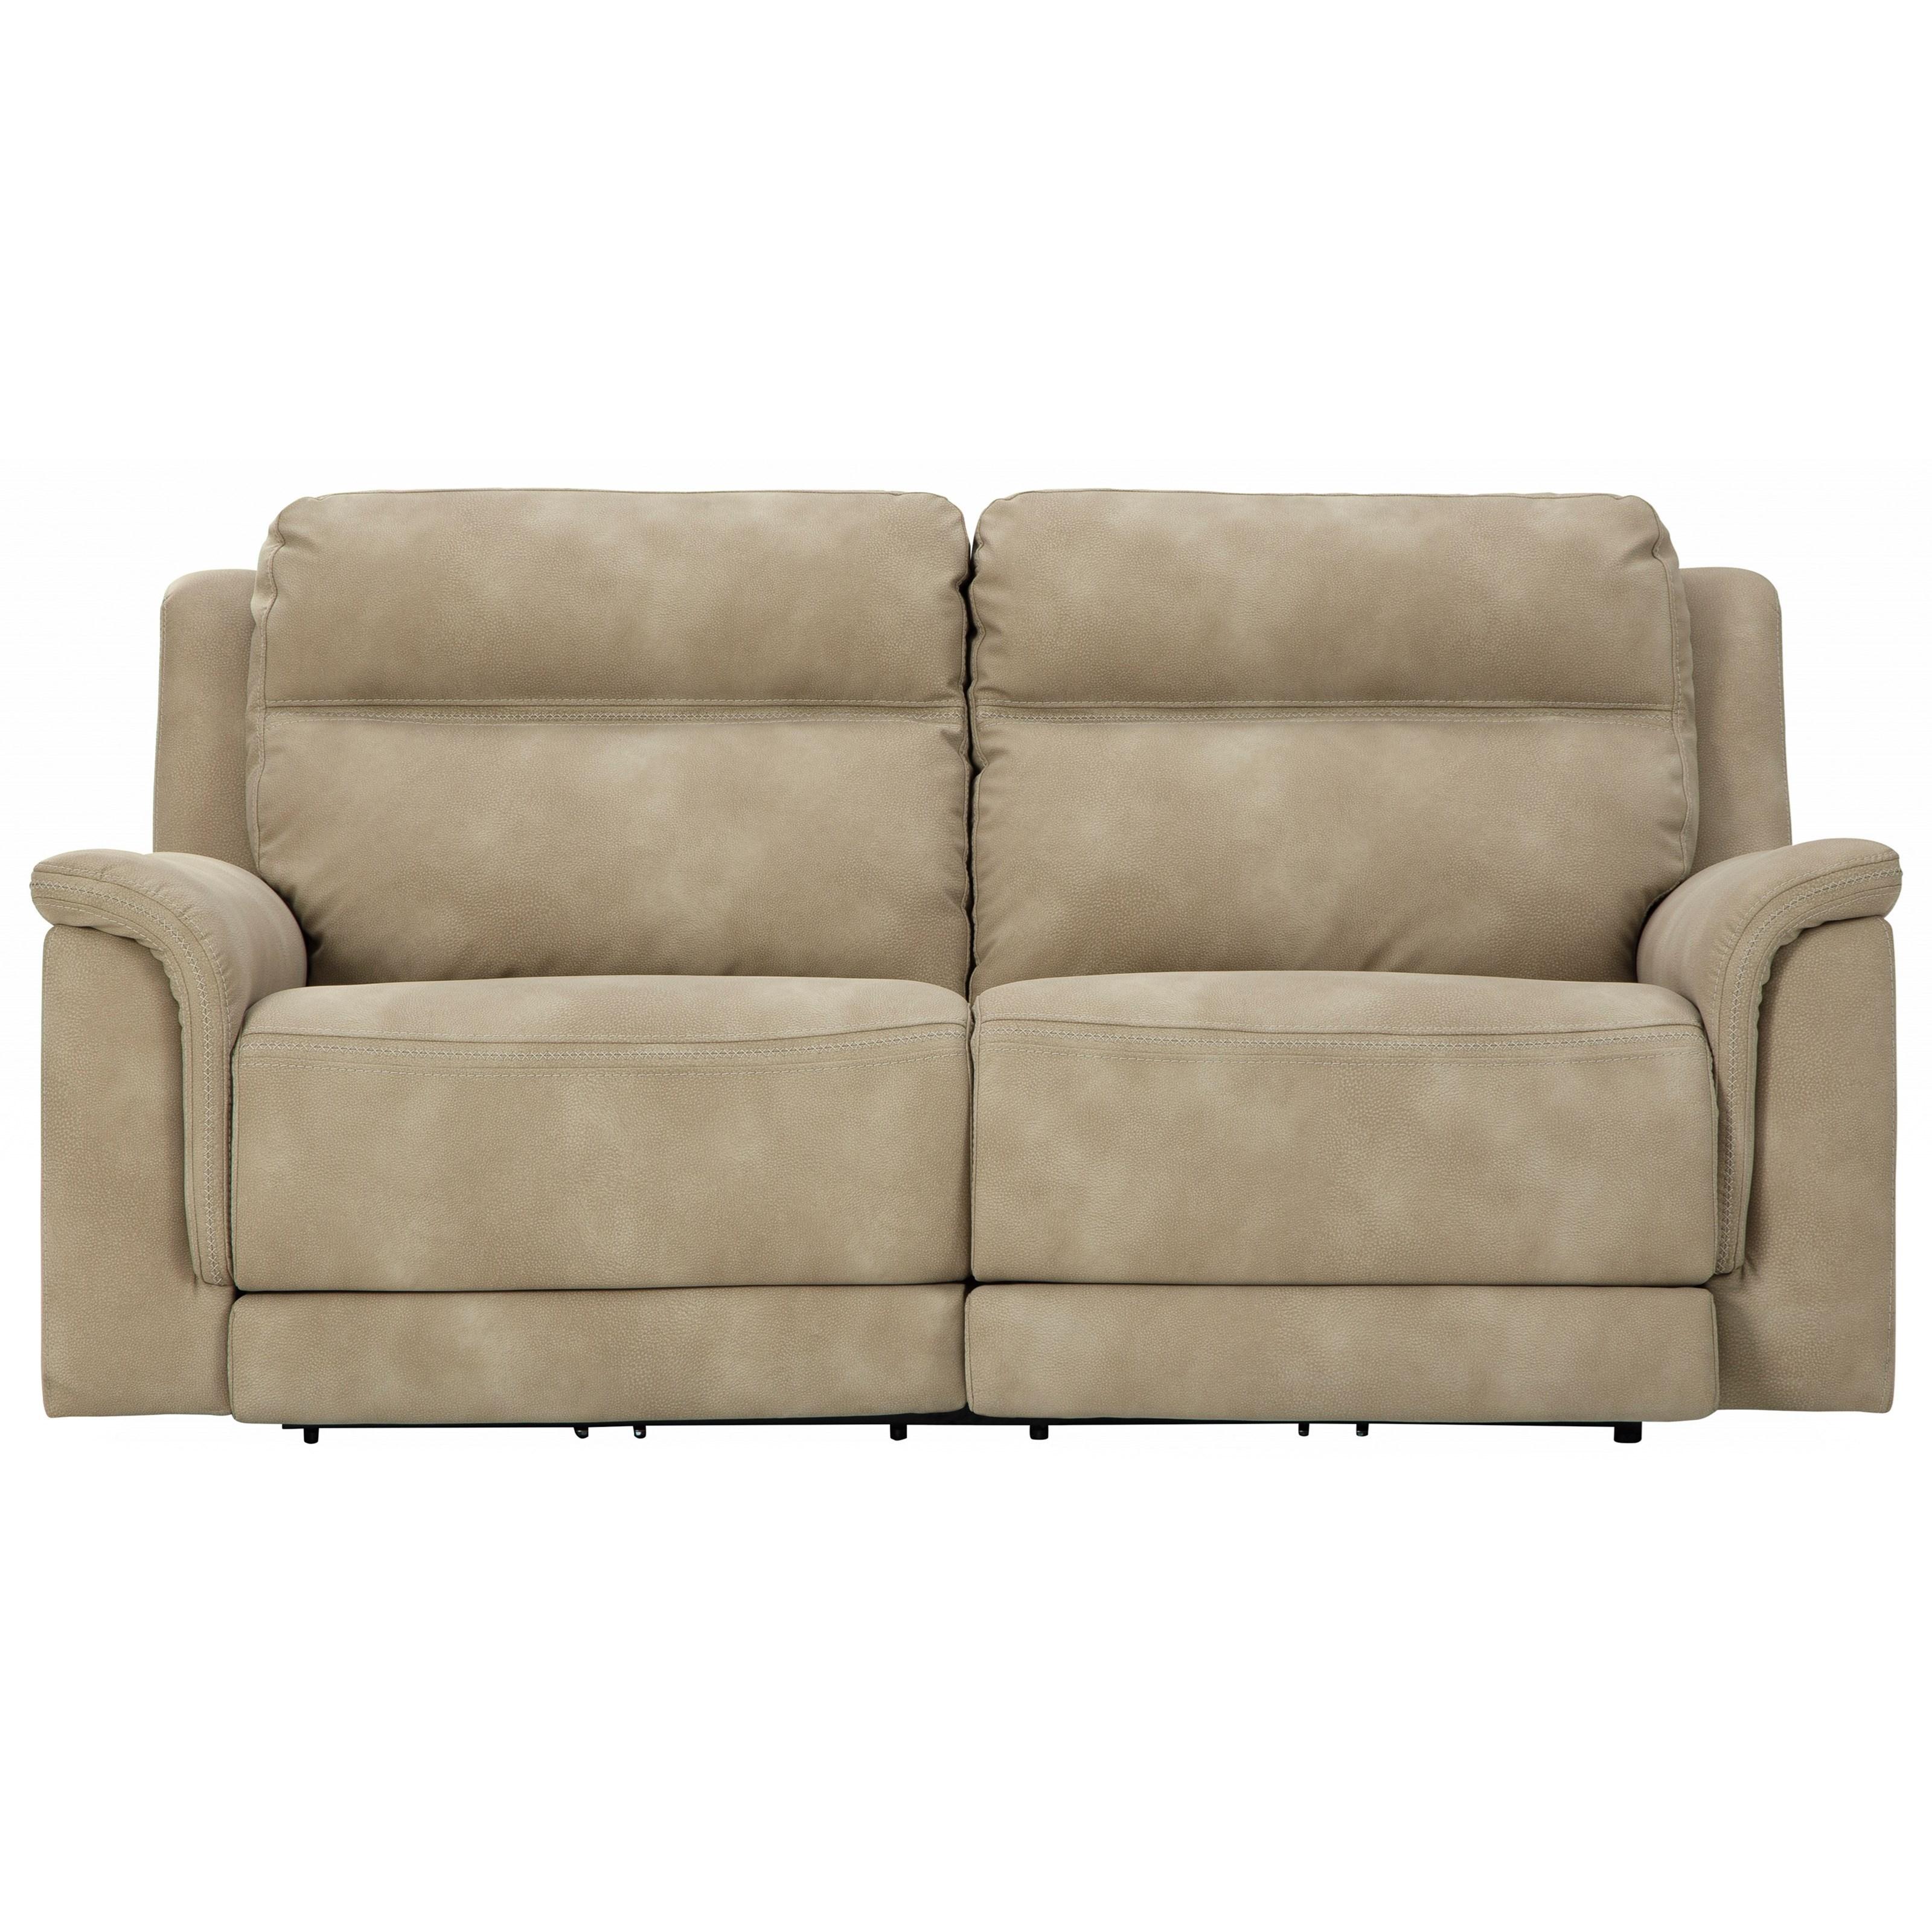 Zero Gravity 2-Seat Pwr Rec Sofa w/ Adj Headrests